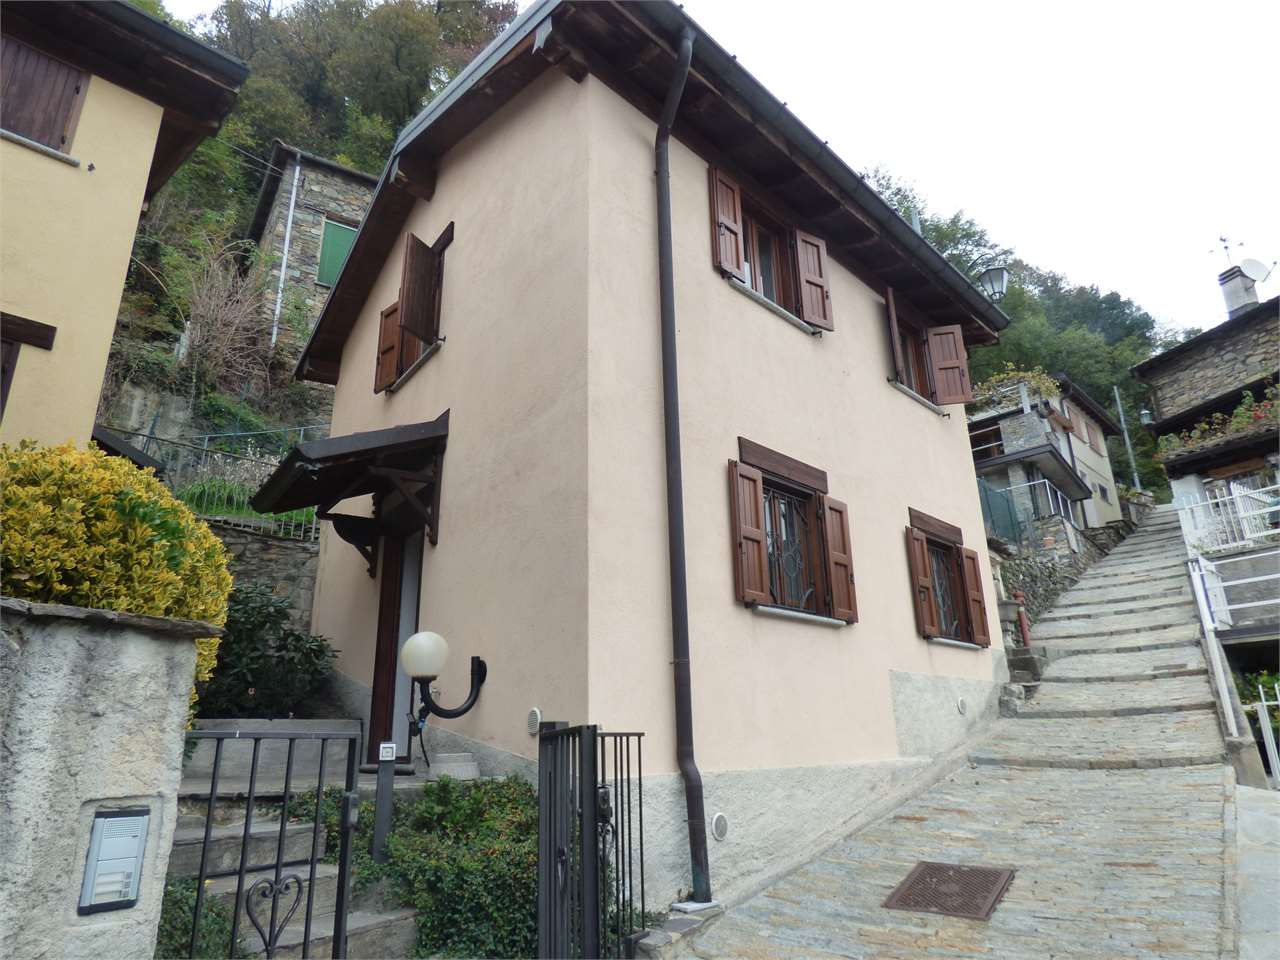 Vendita Casa Indipendente Casa/Villa Maccagno con Pino e Veddasca 244014